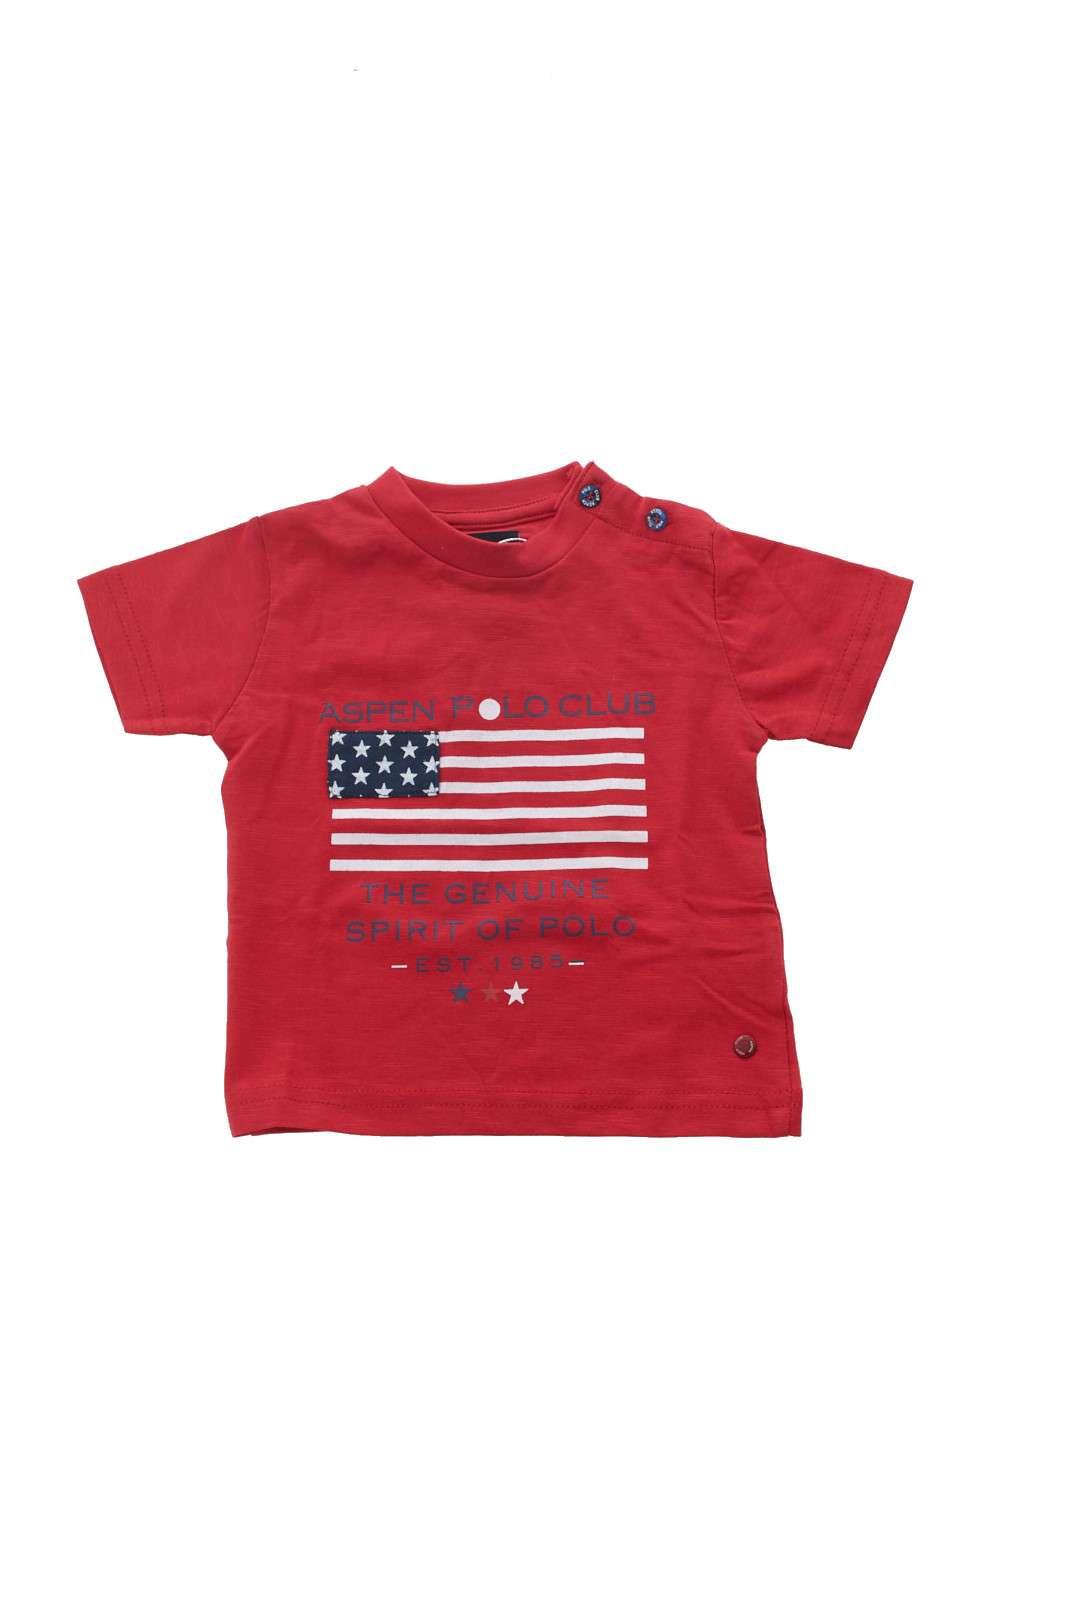 https://www.parmax.com/media/catalog/product/a/i/PE-outlet_parmax-t-shirt-bambino-Aspen-20022020-A.jpg